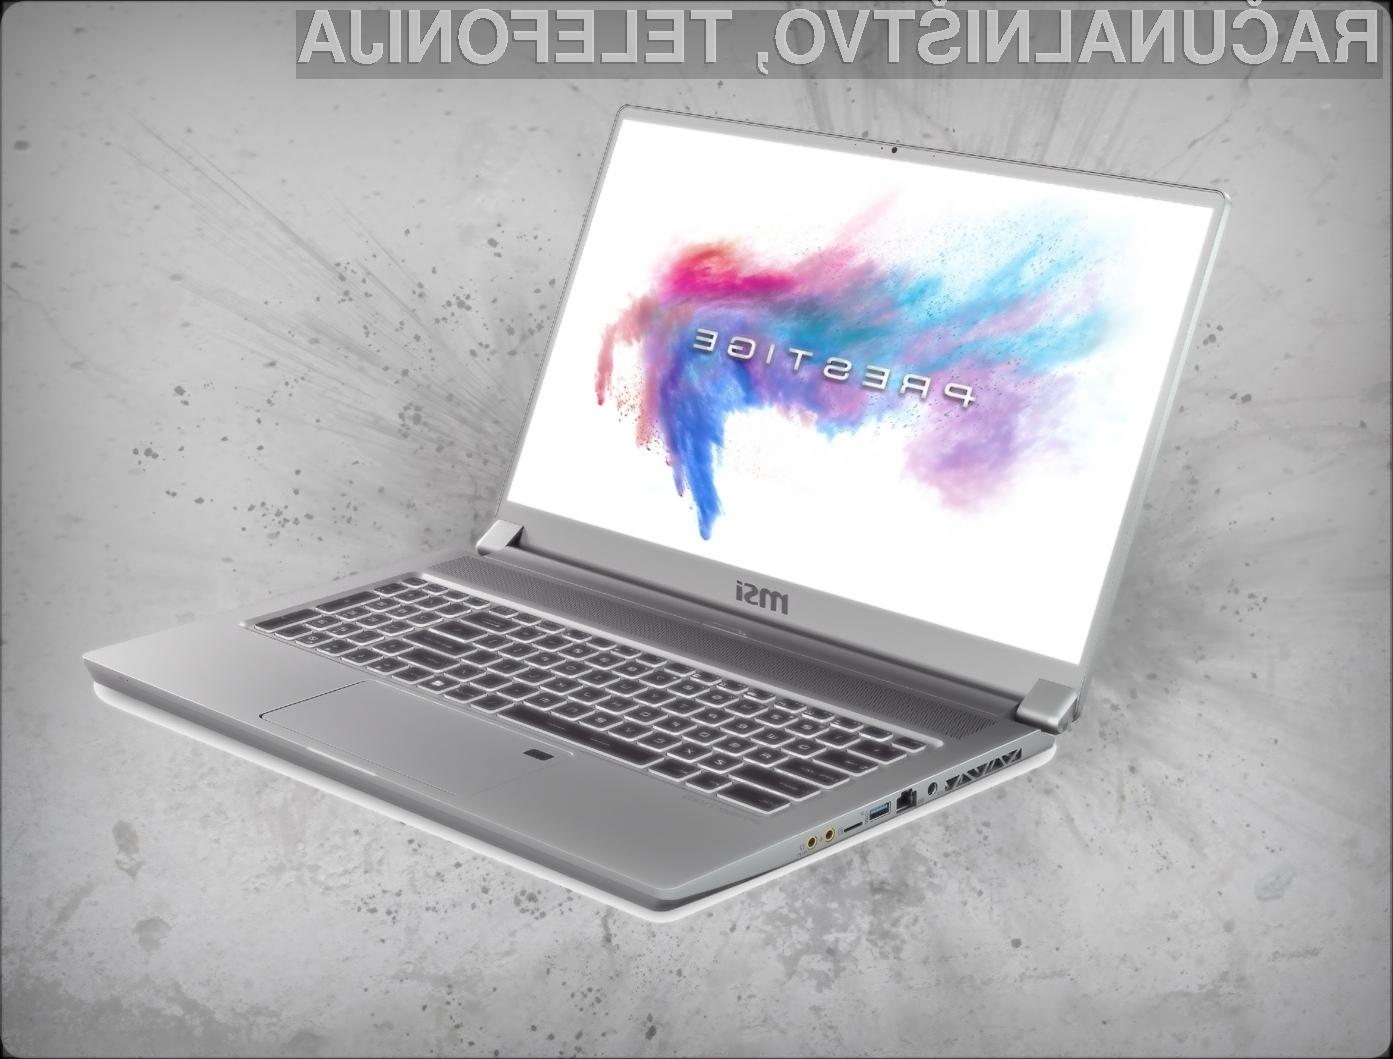 Prenosni računalnik MSI P75 Creator je namenjena ustvarjalnim uporabnikom in tistim, ki se želijo usmeriti v to področje.